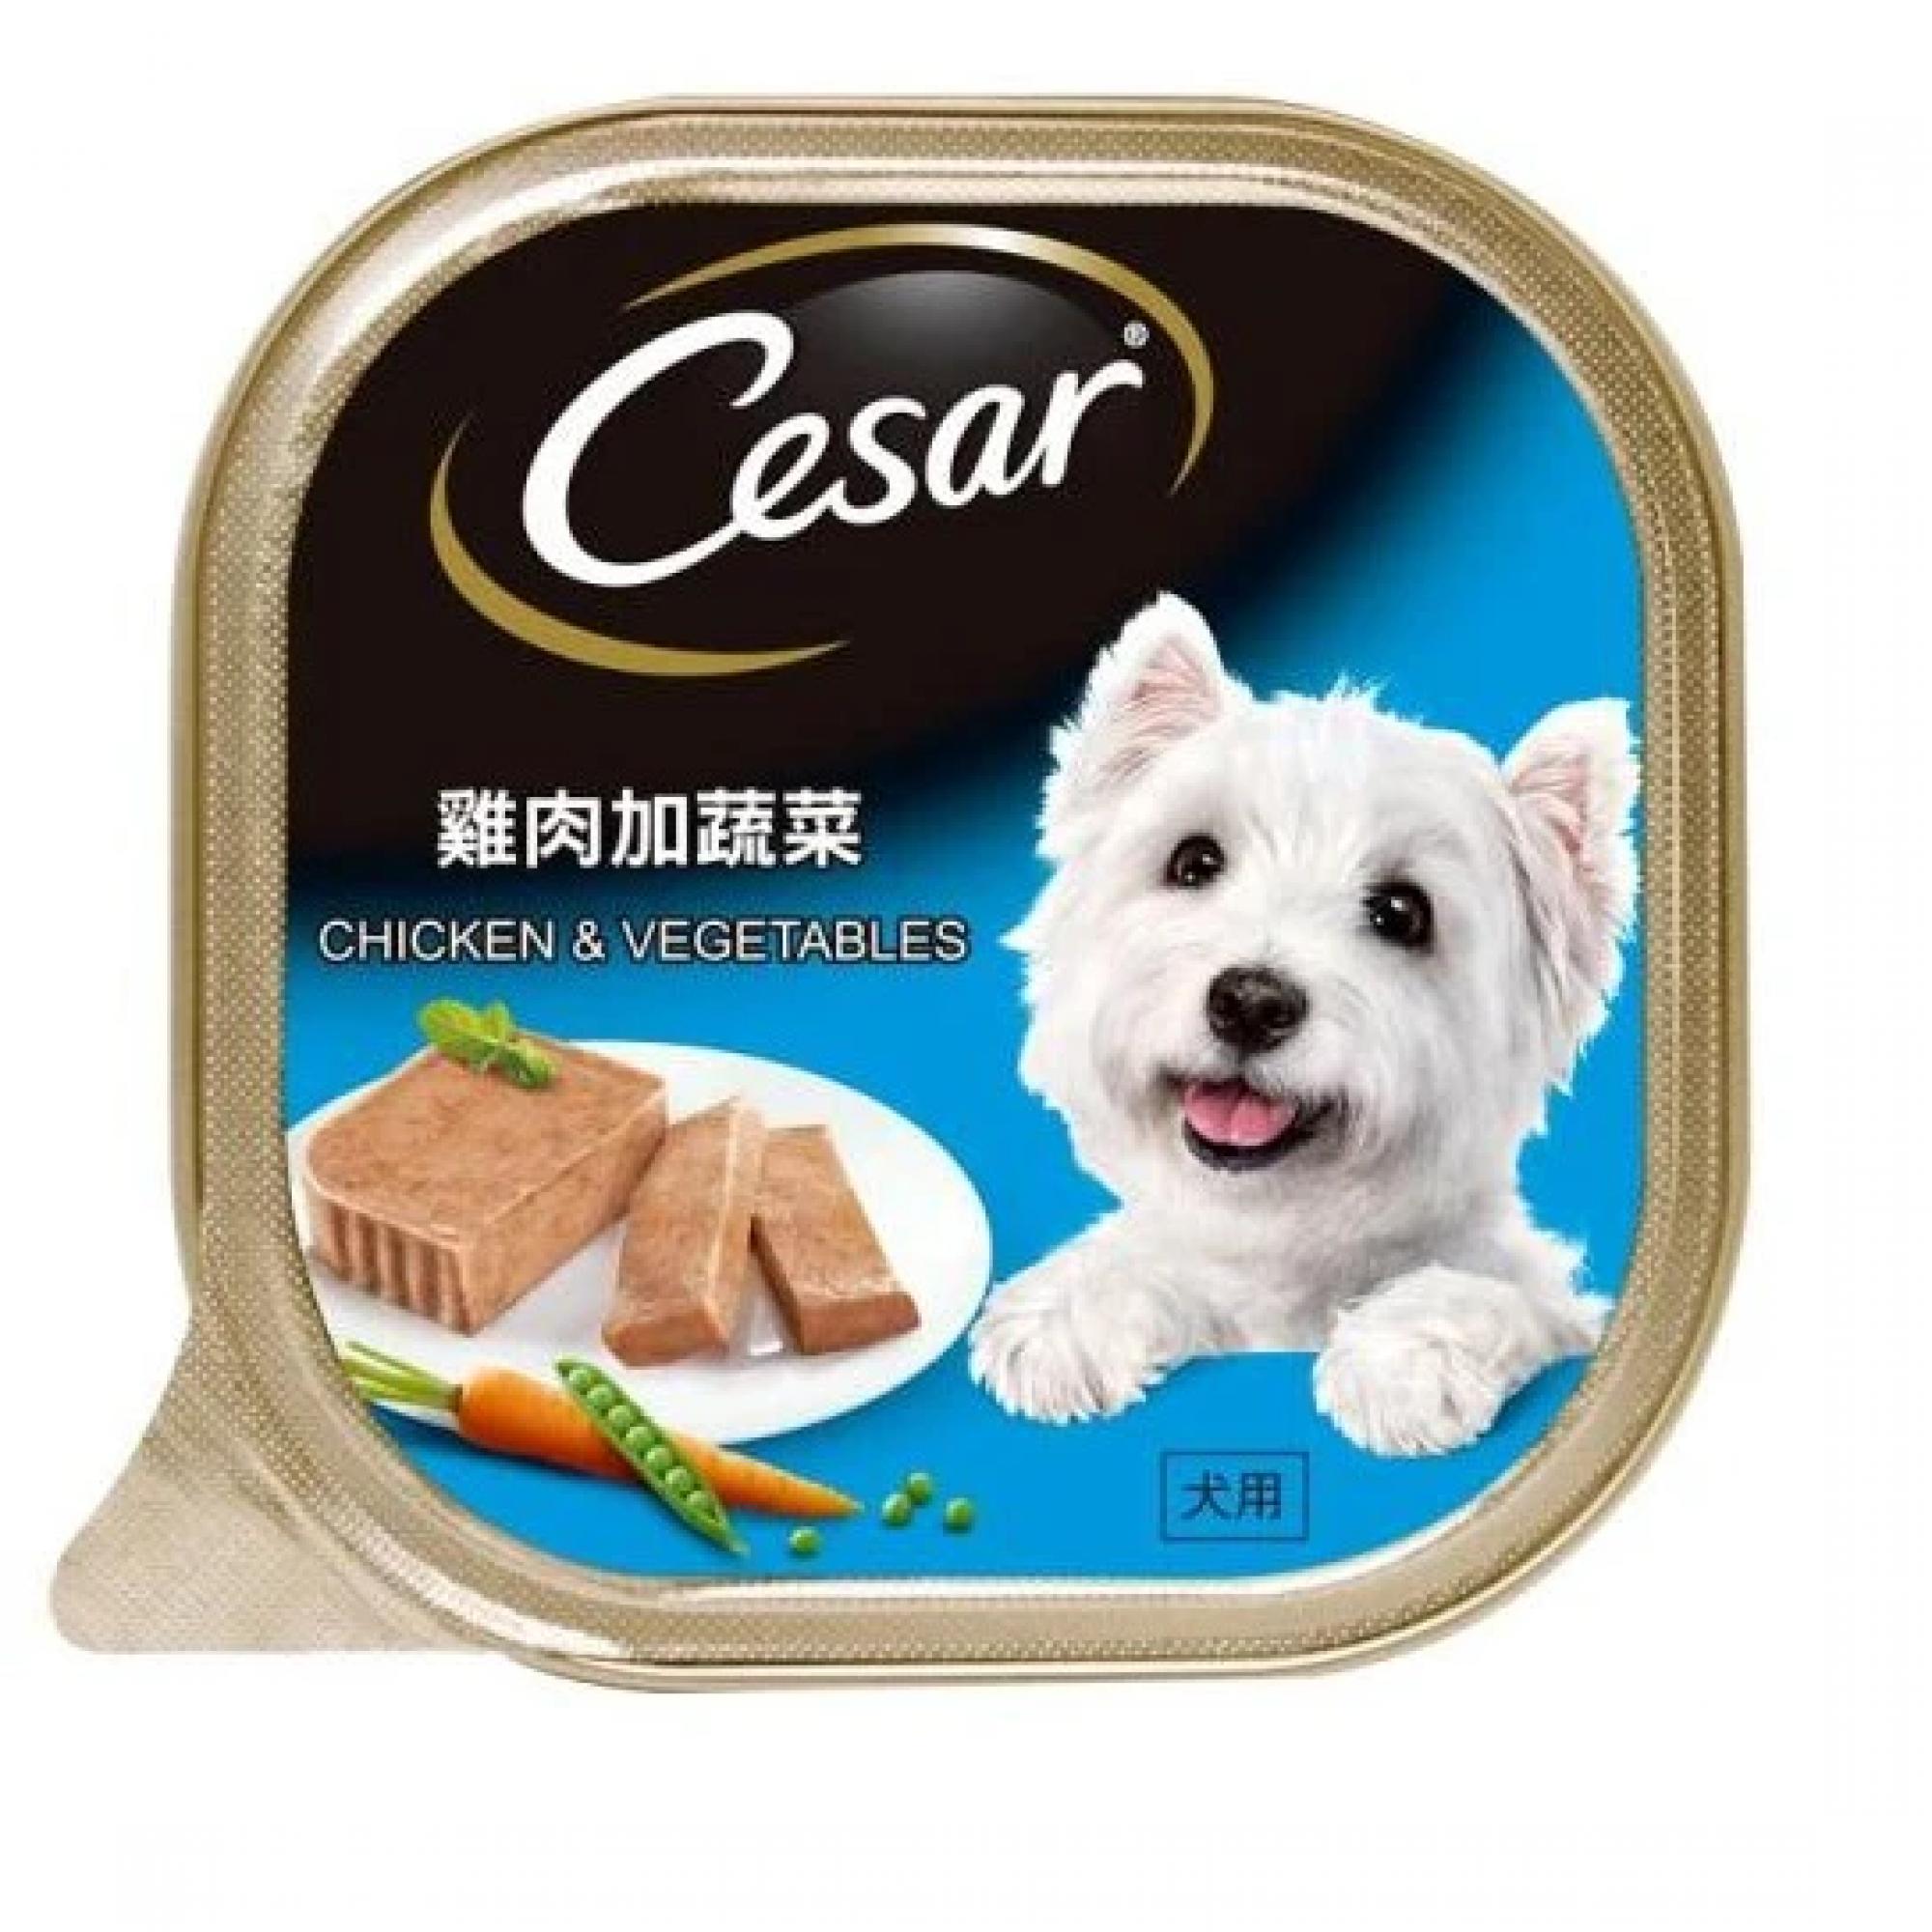 Cesar - Chicken & Vegetables Pate Dog Food 100g